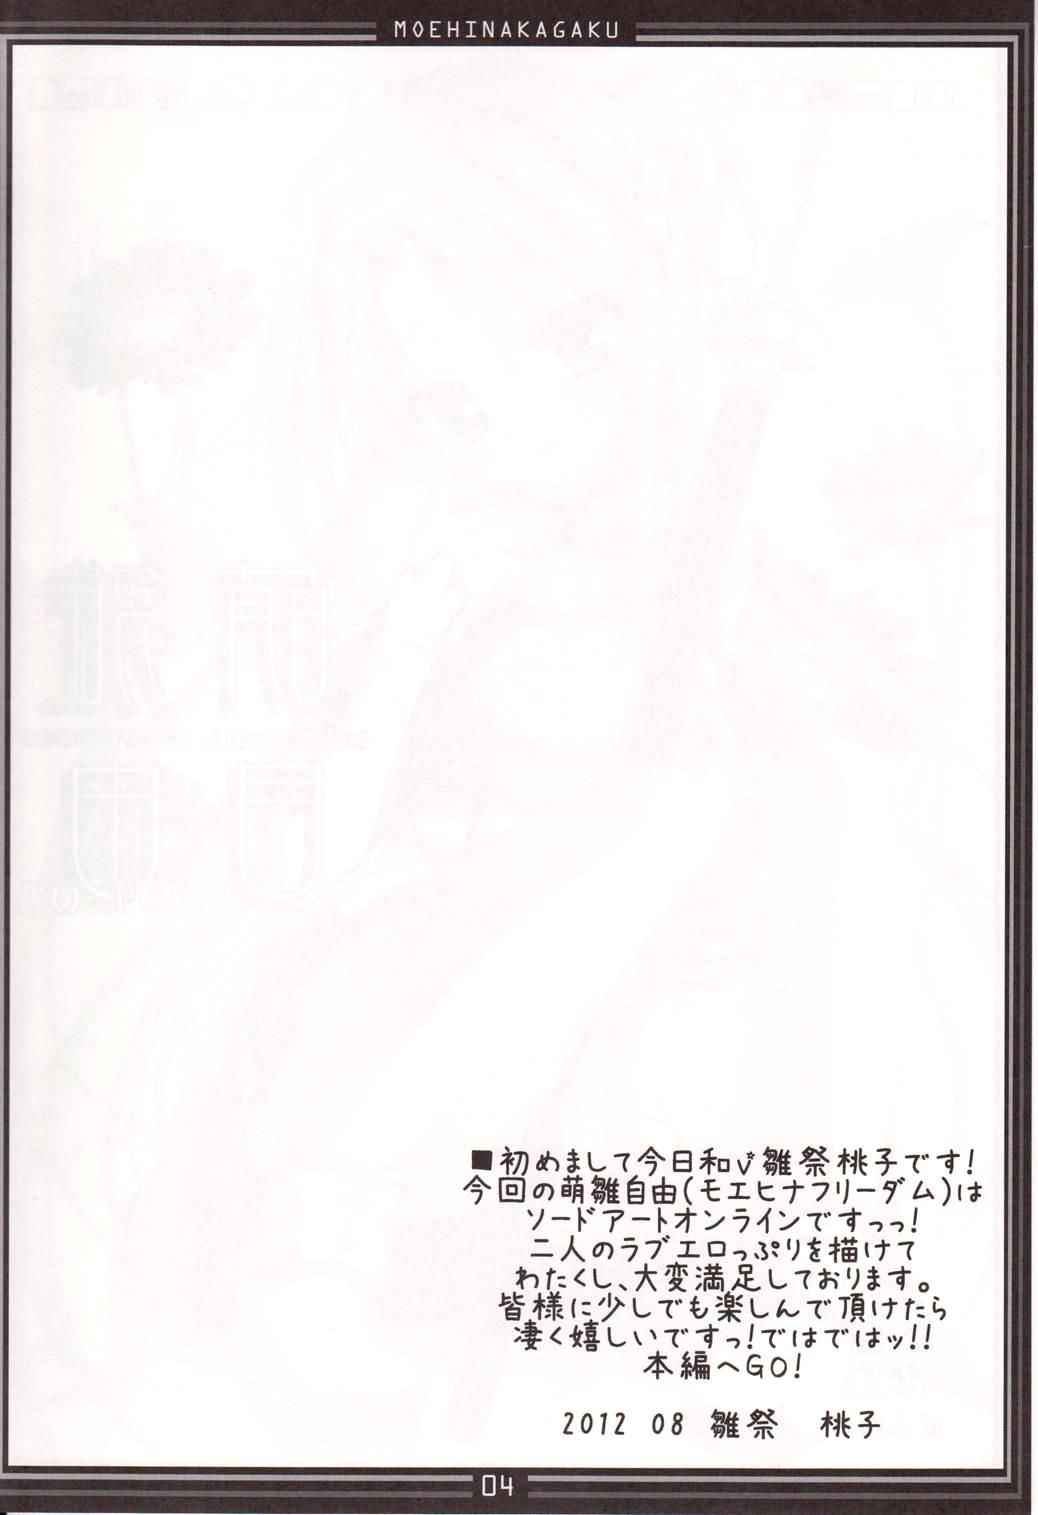 Moehina Jiyuu Vol. 02 2